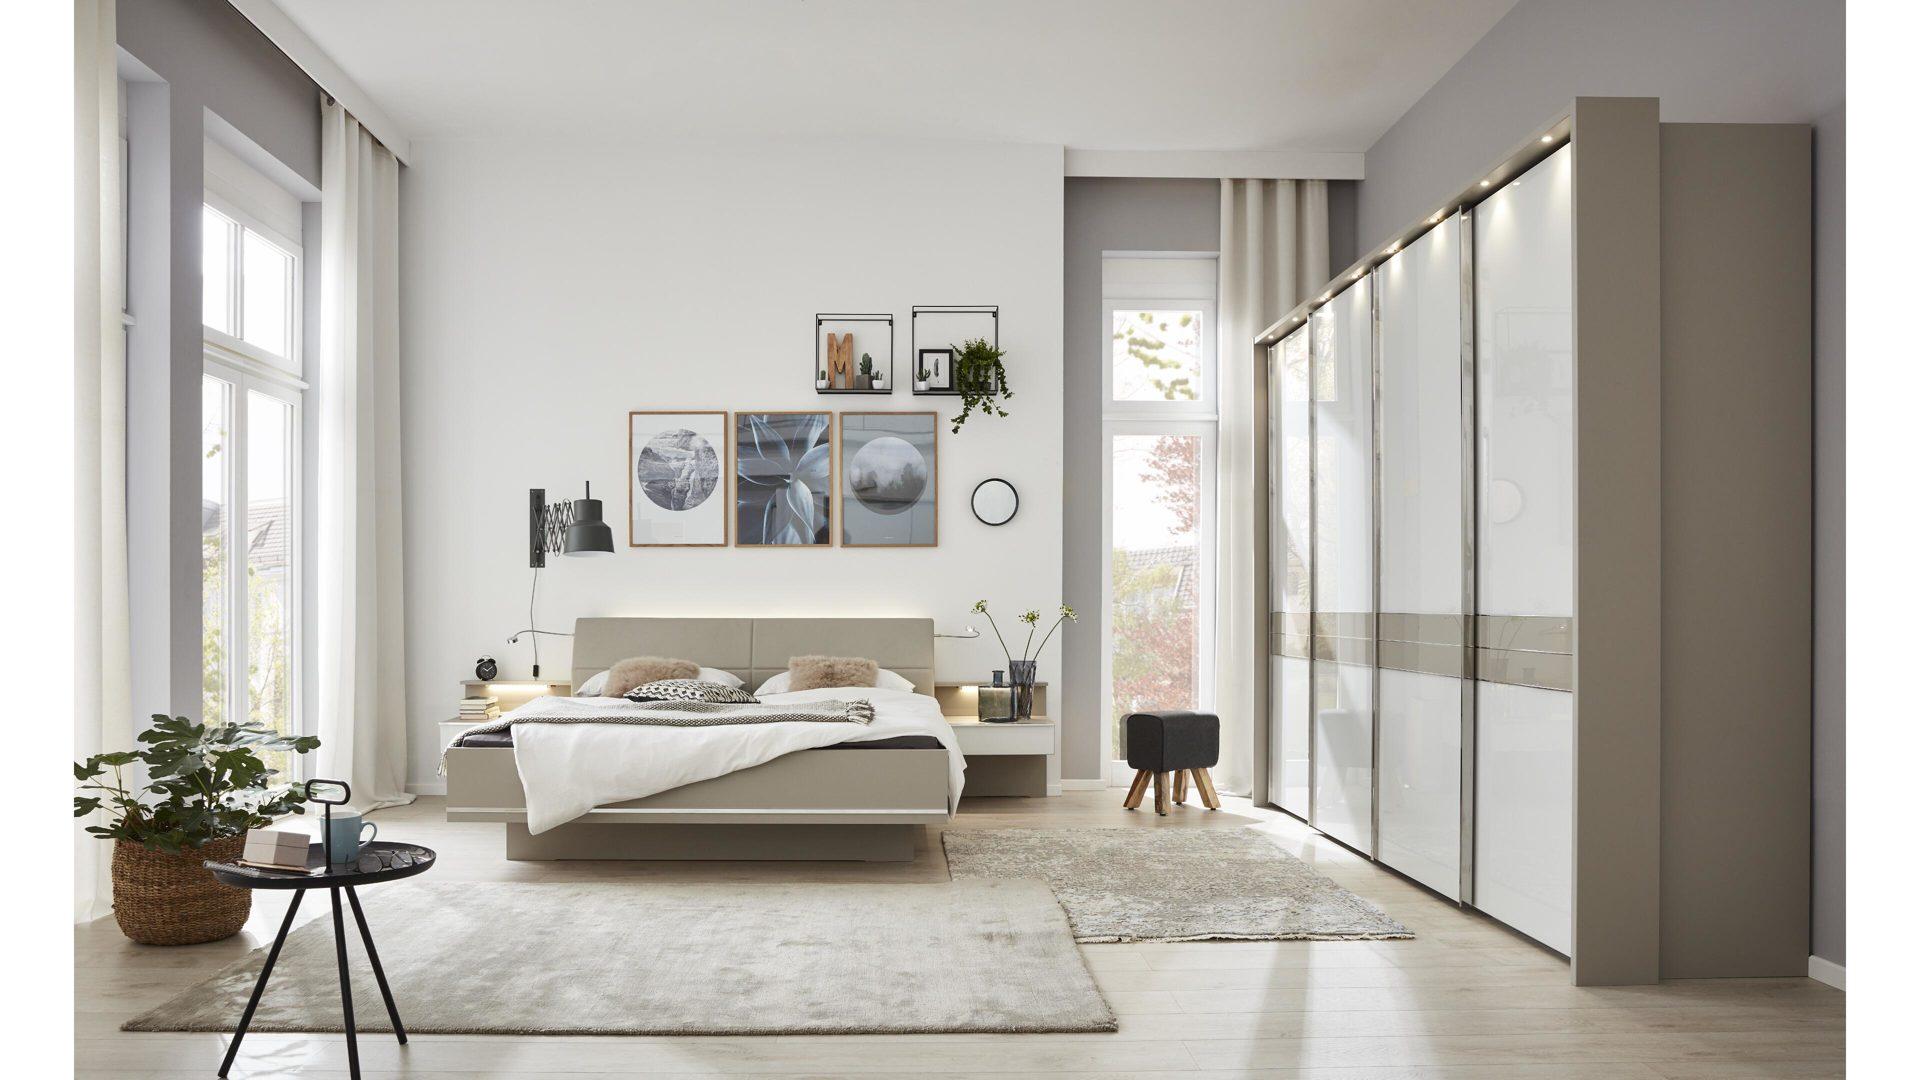 Interliving Schlafzimmer Serie 1009 Schlafzimmerkombination Weisse